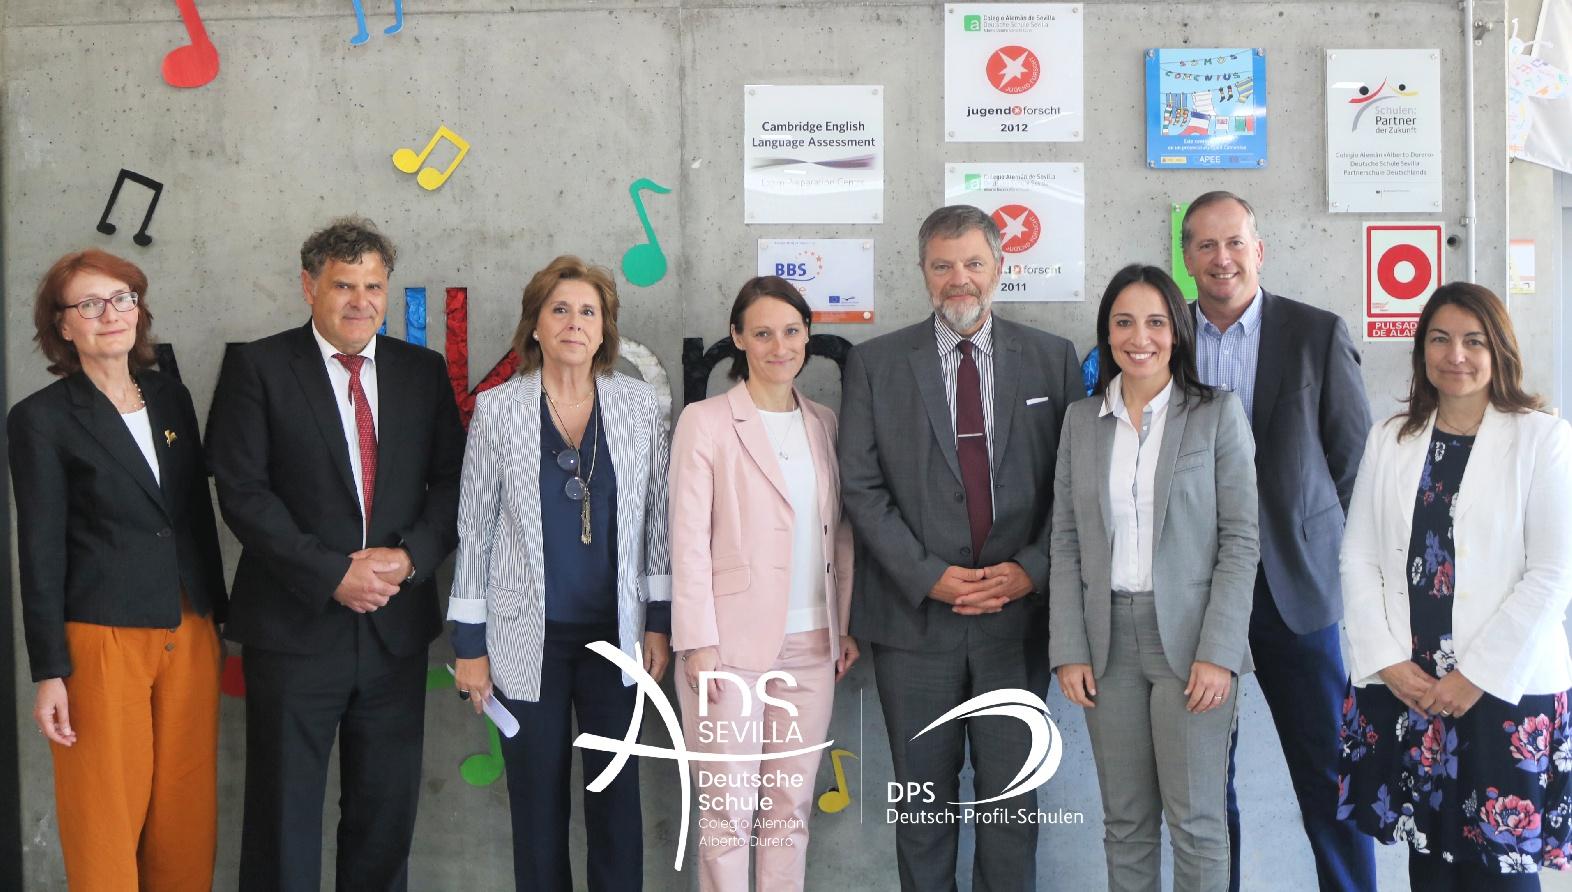 El Embajador de la República Federal de Alemania en España Sr Wolfgang Dold en el Colegio Alemán Sevilla.